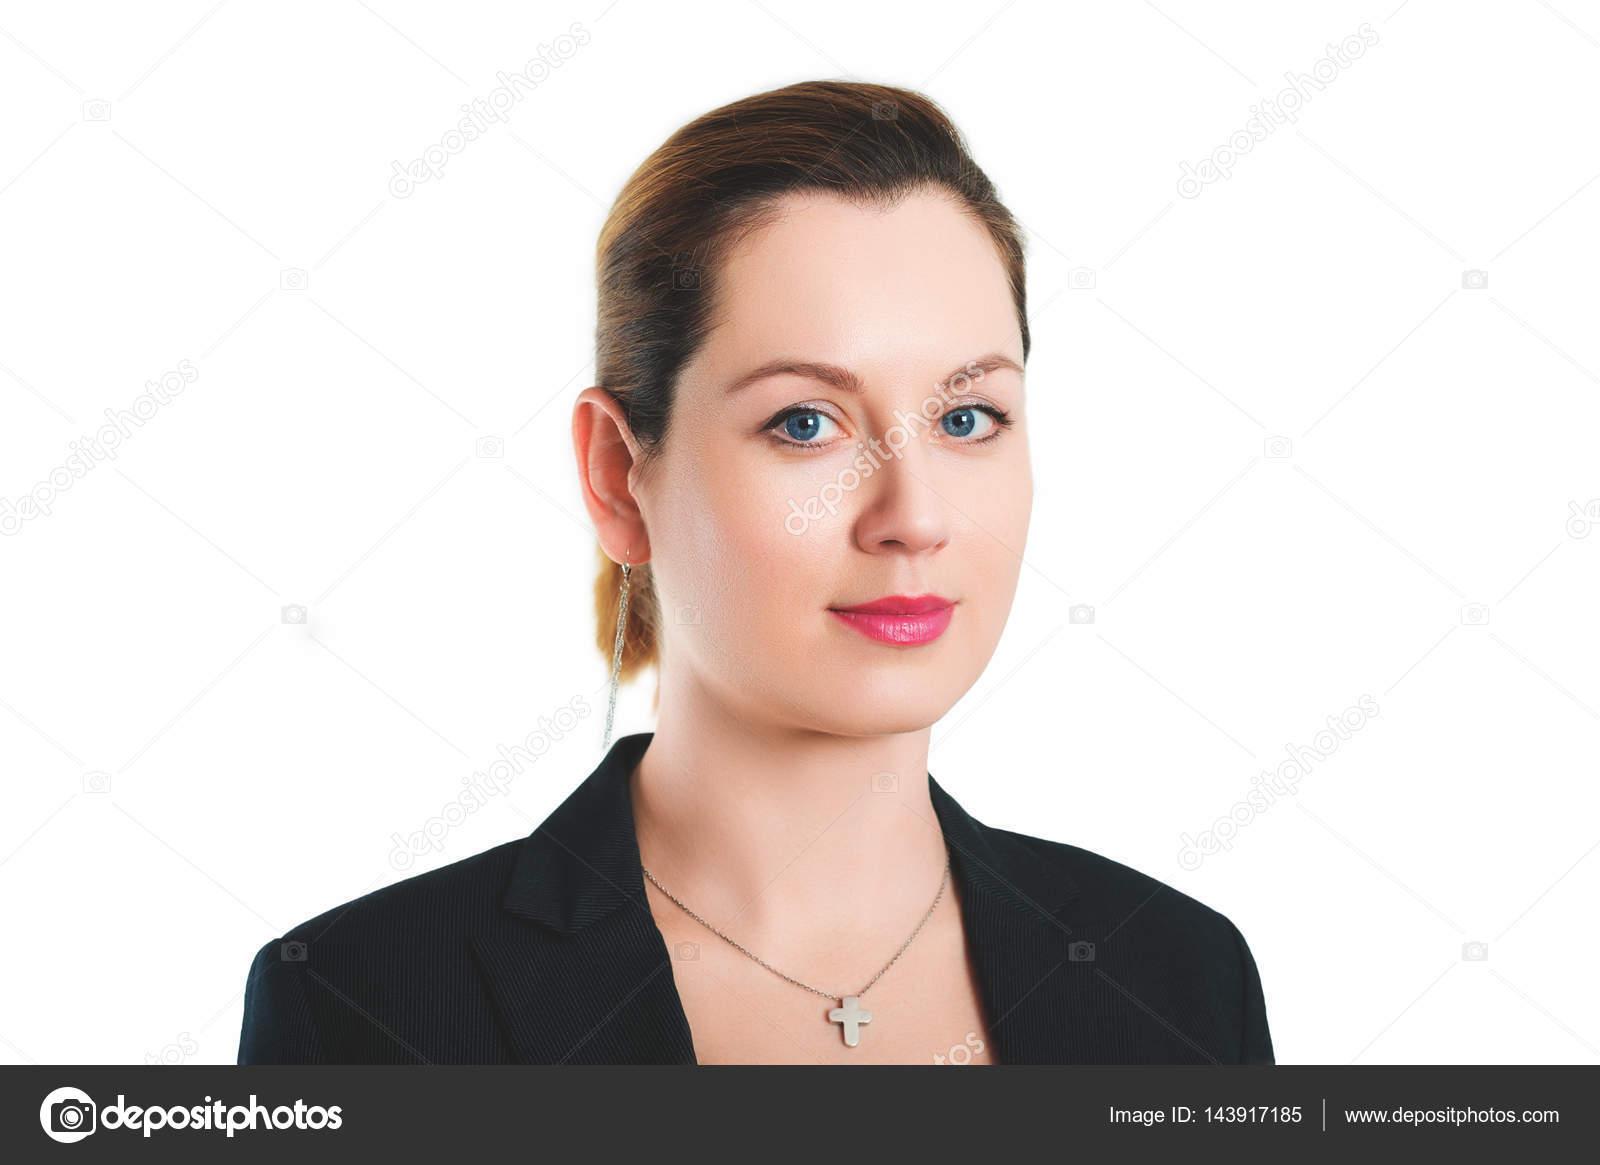 Women at 35